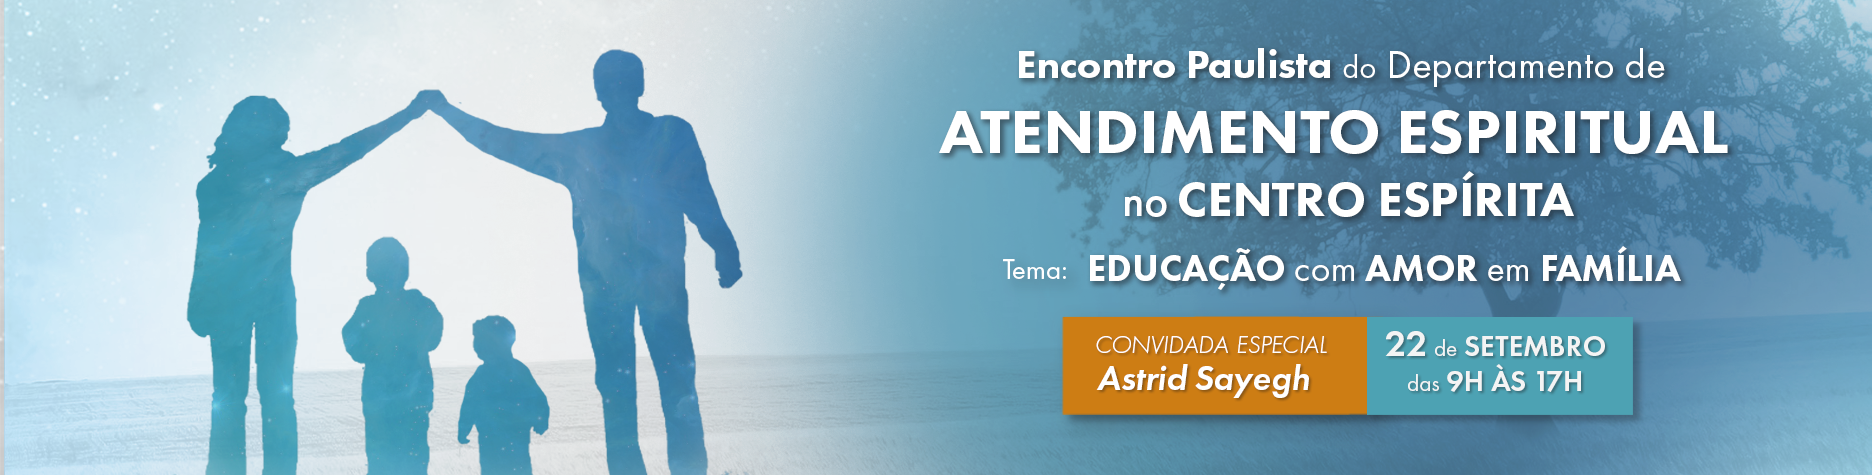 Inscrições abertas para o Encontro Paulista do Departamento de Atendimento Espiritual no Centro Espírita